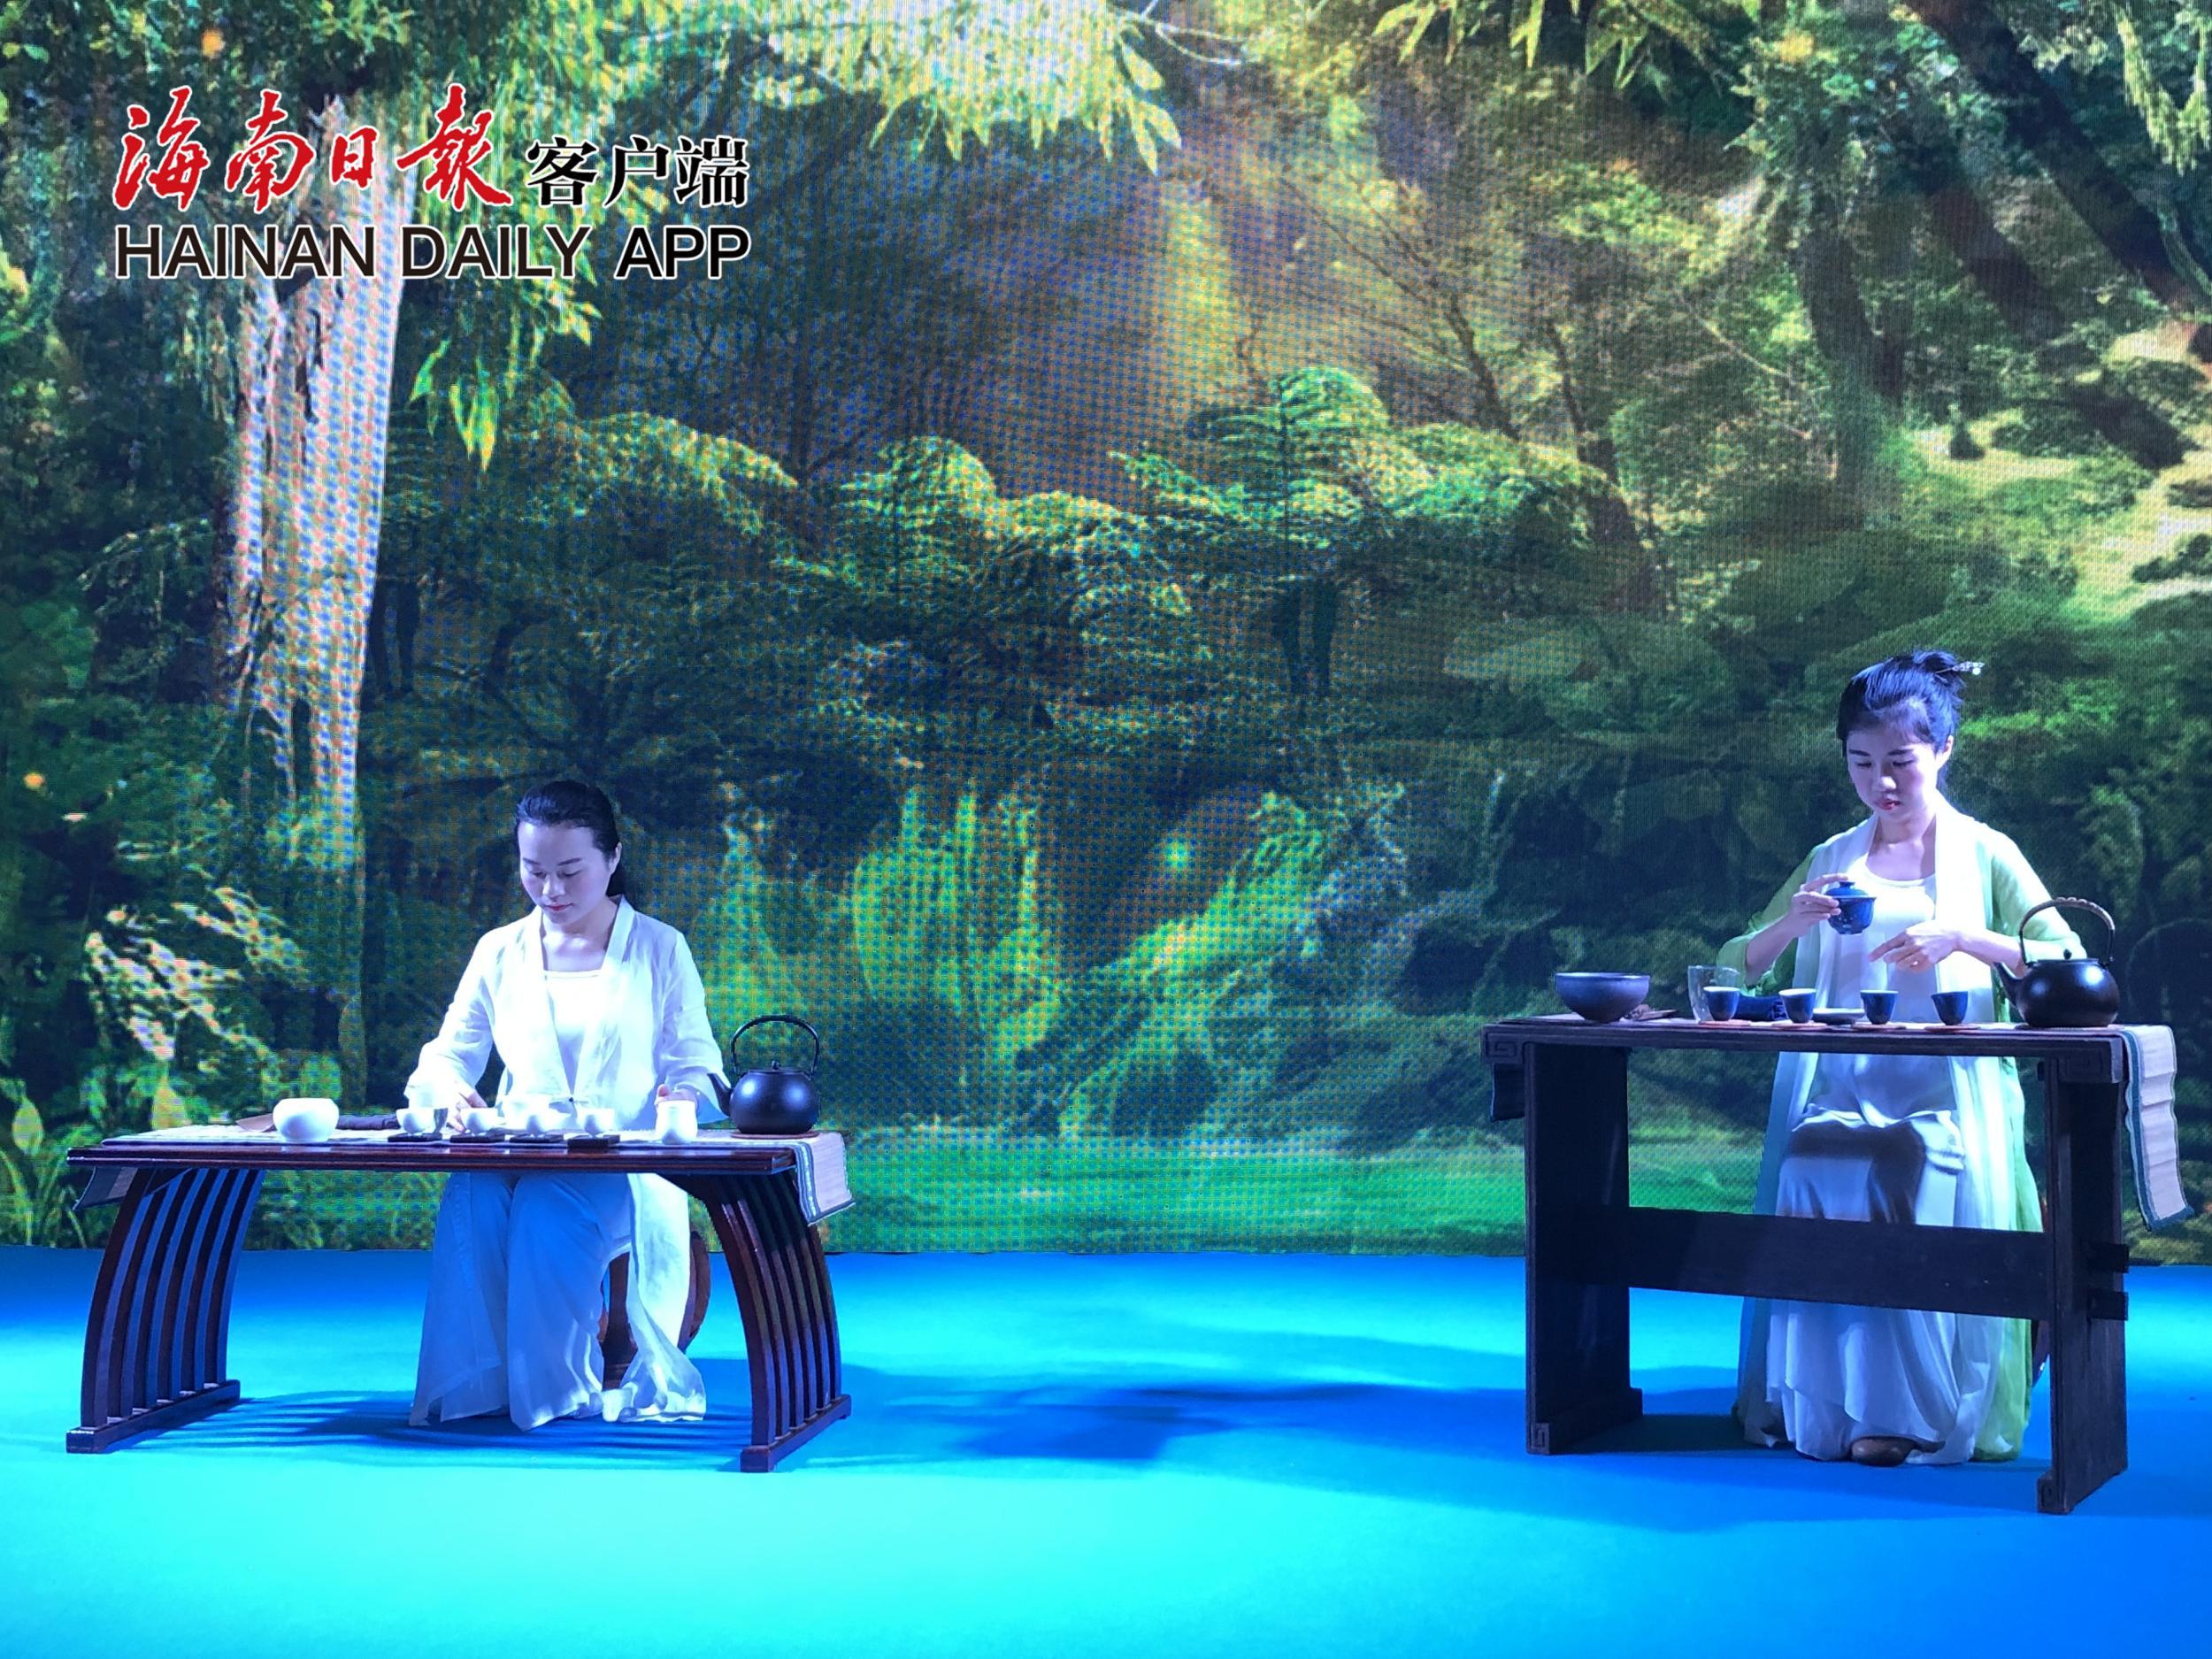 2018冬交会首设海南茶产业文化馆 推介海南本土茶叶品牌